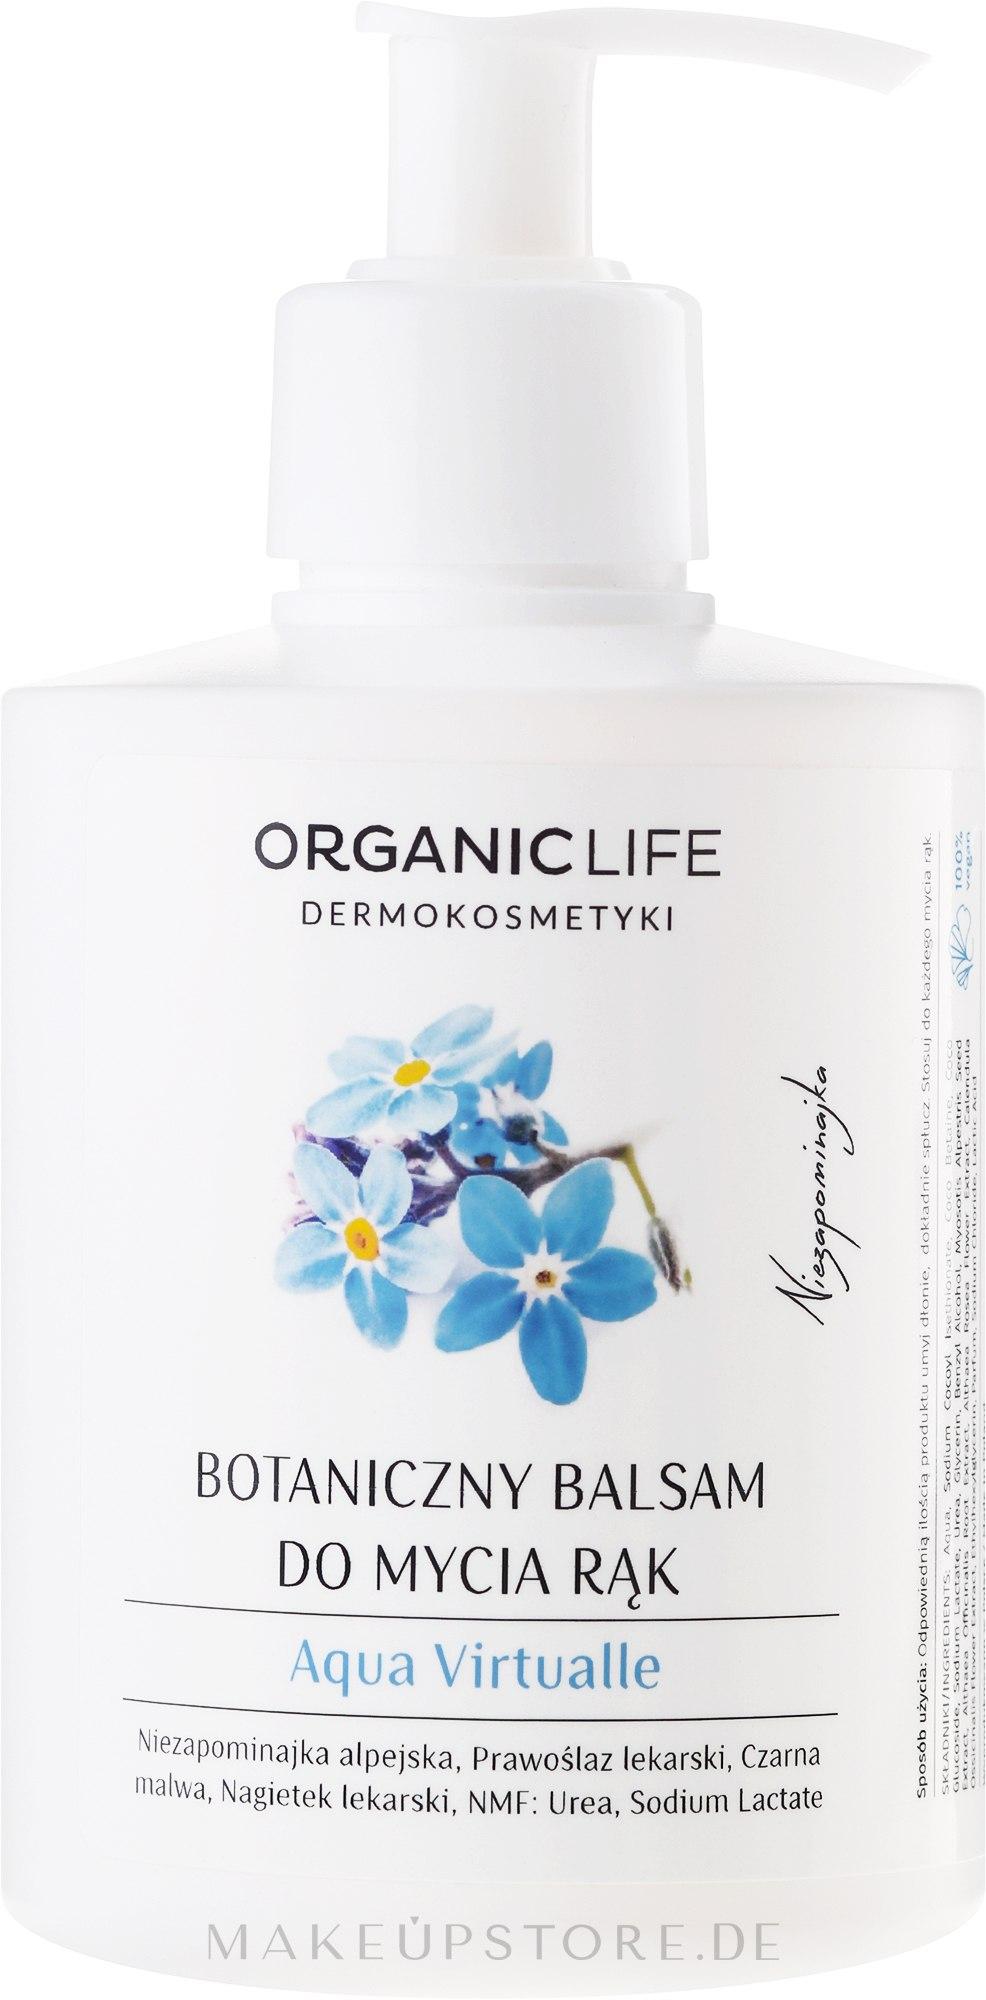 Feuchtigkeitsspendender Handwaschbalsam - Organic Life Dermocosmetics Aqua Virtualle Moisturizing Hand Wash Balm — Bild 300 g